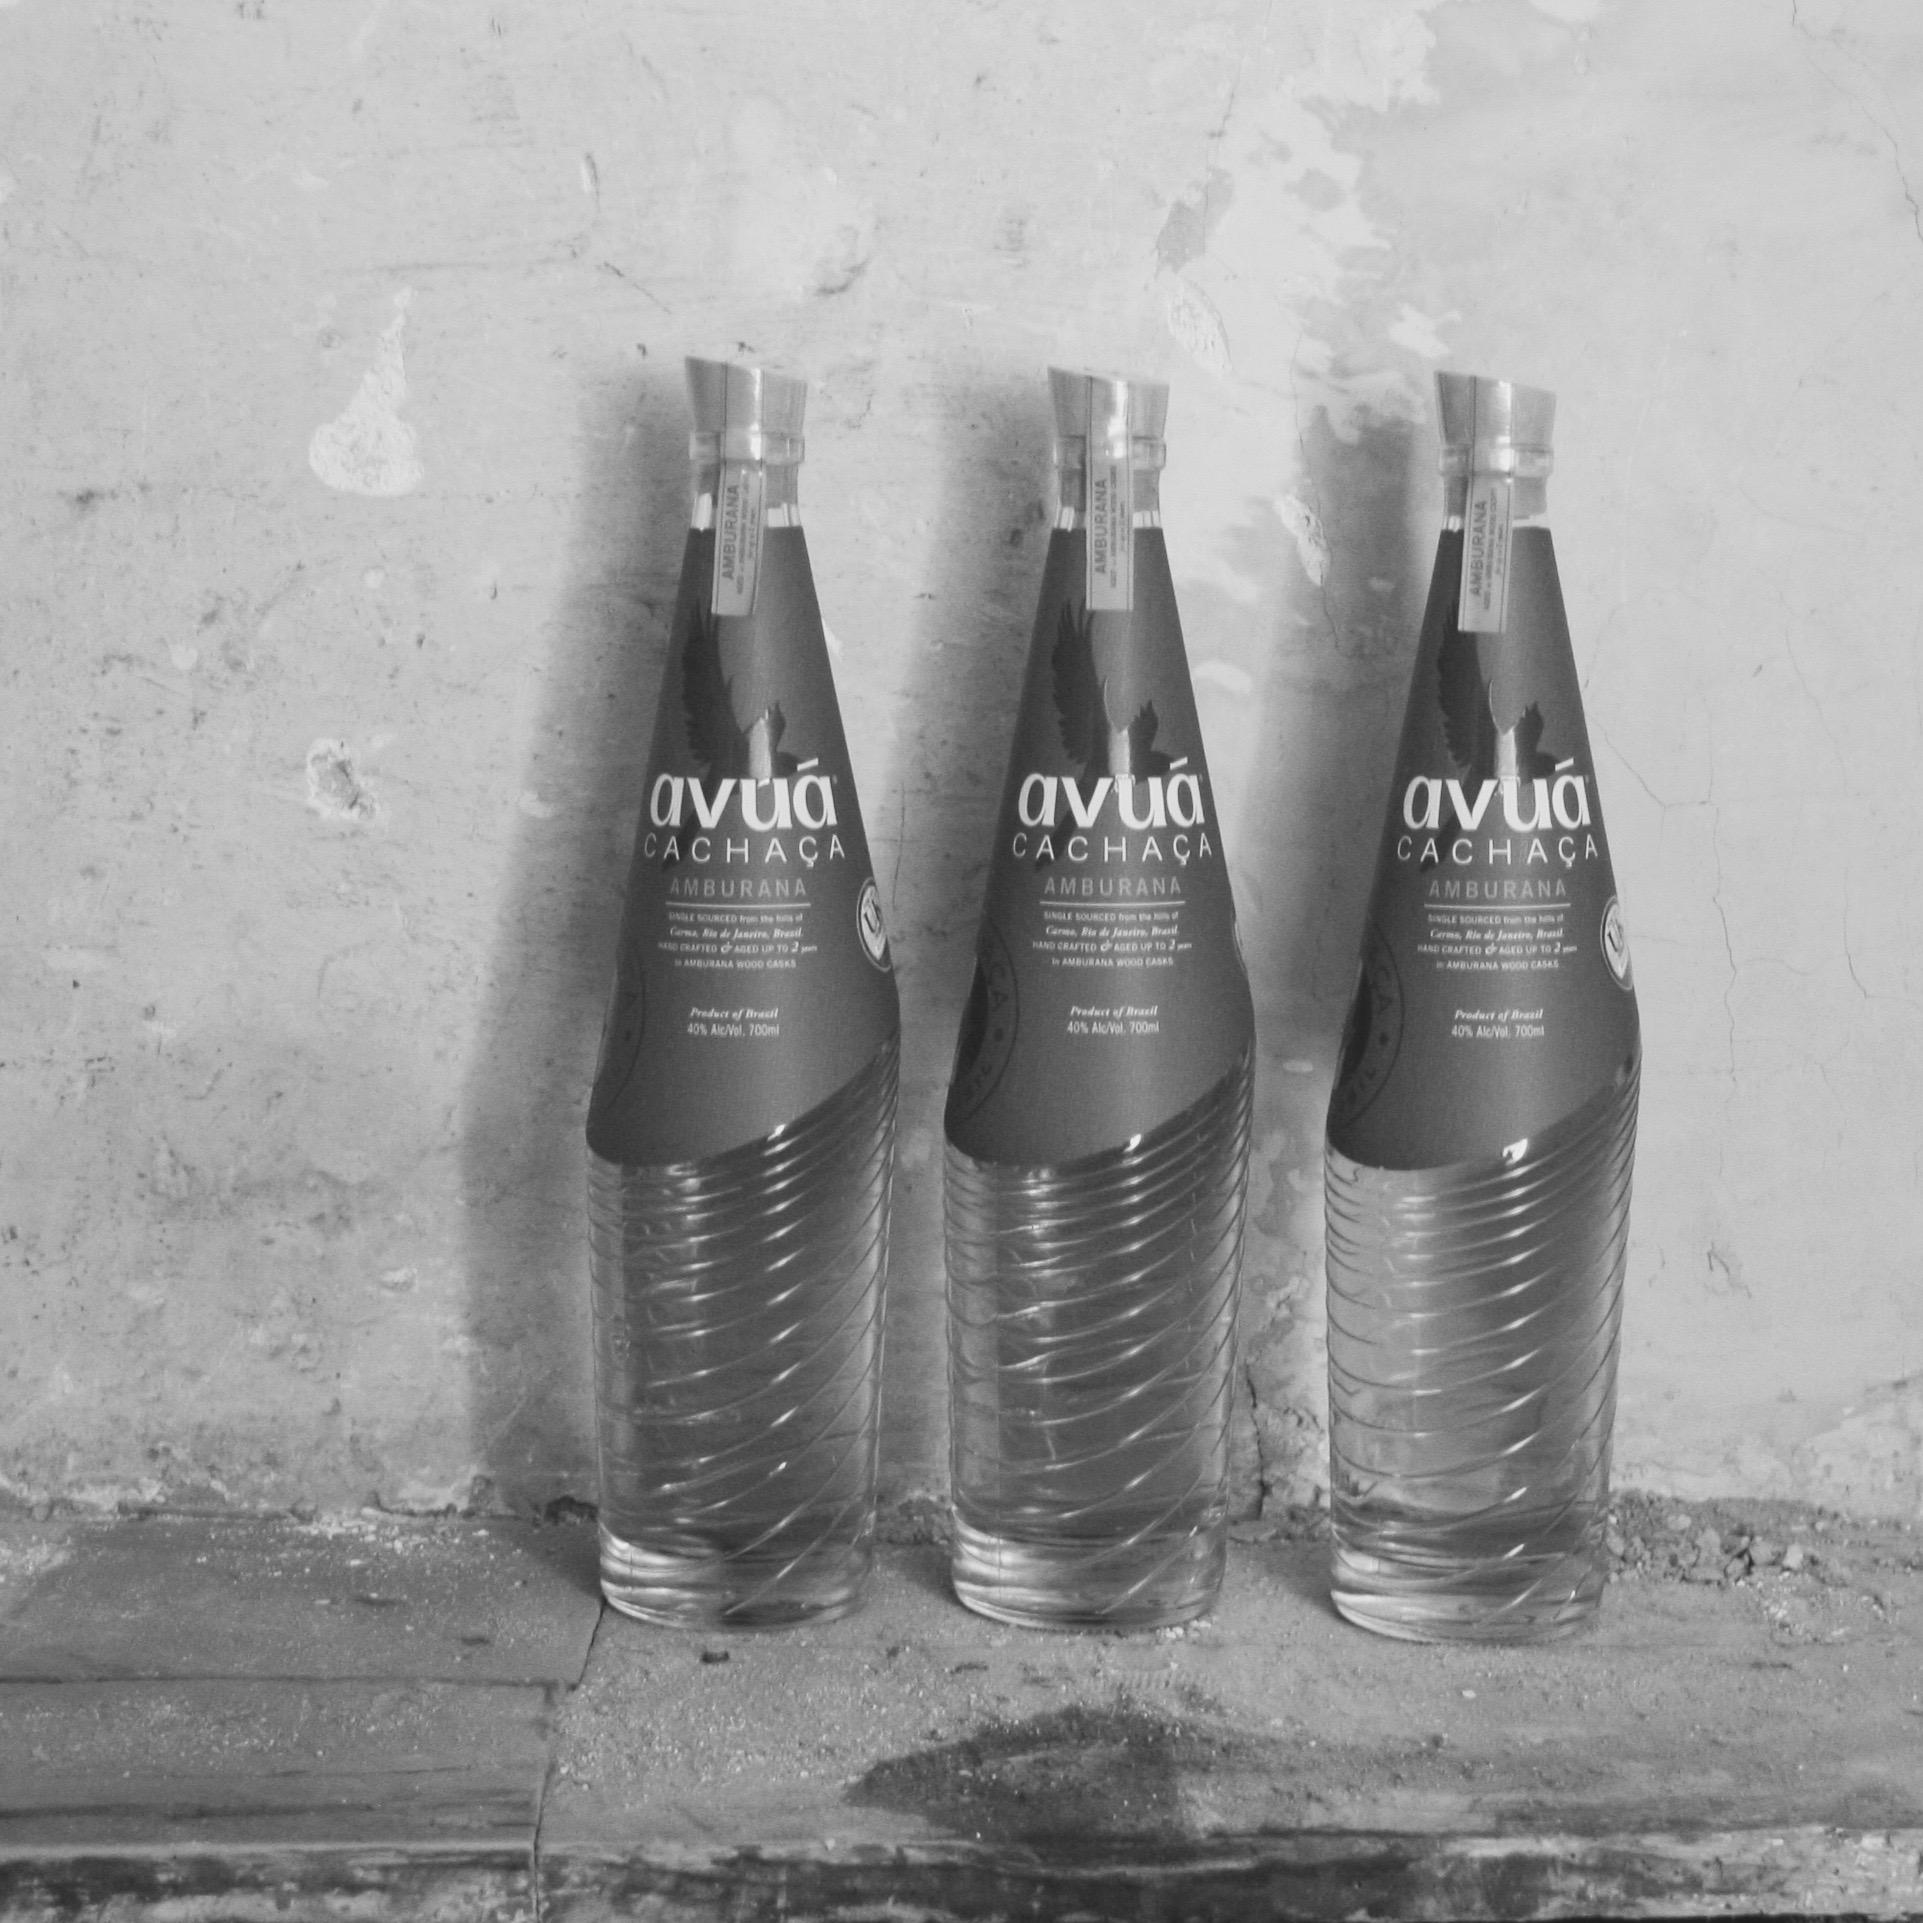 Avua Cachaca bottles